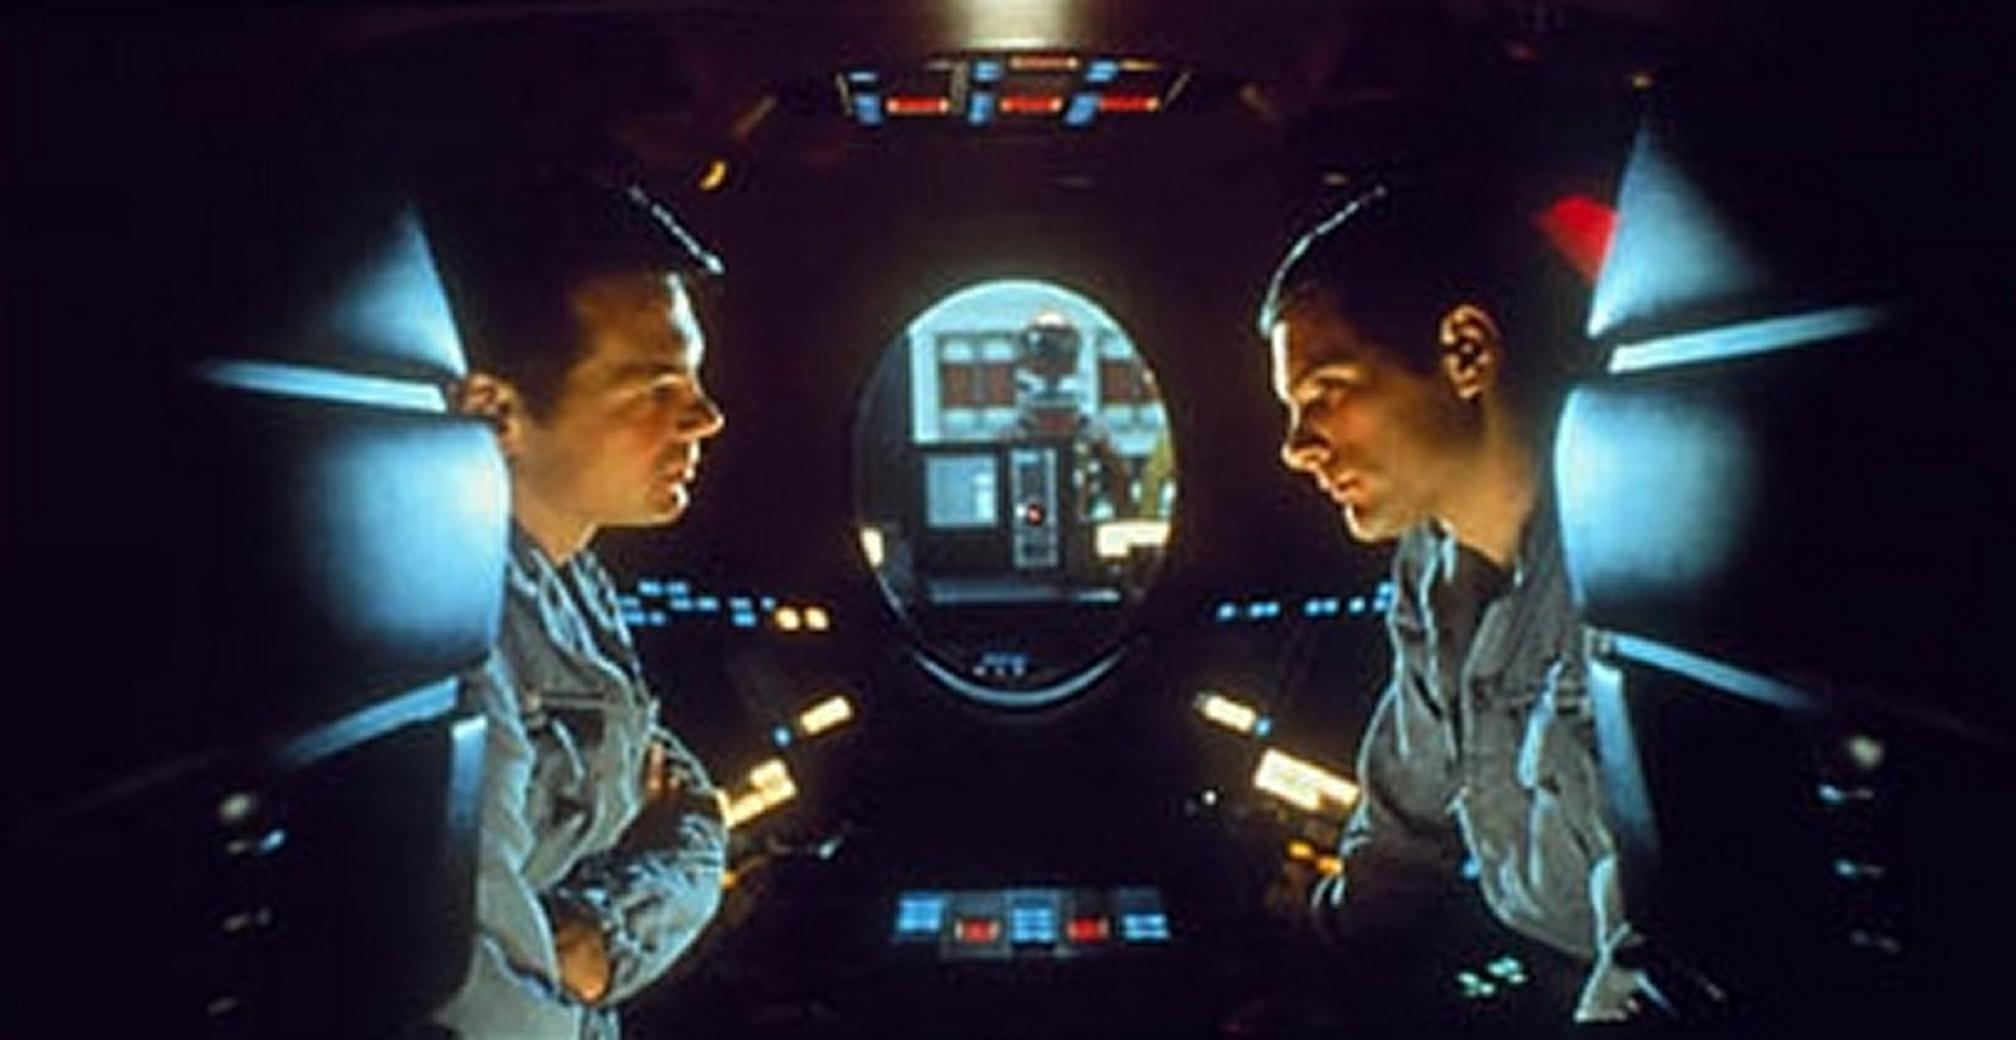 2001太空漫遊劇照 1